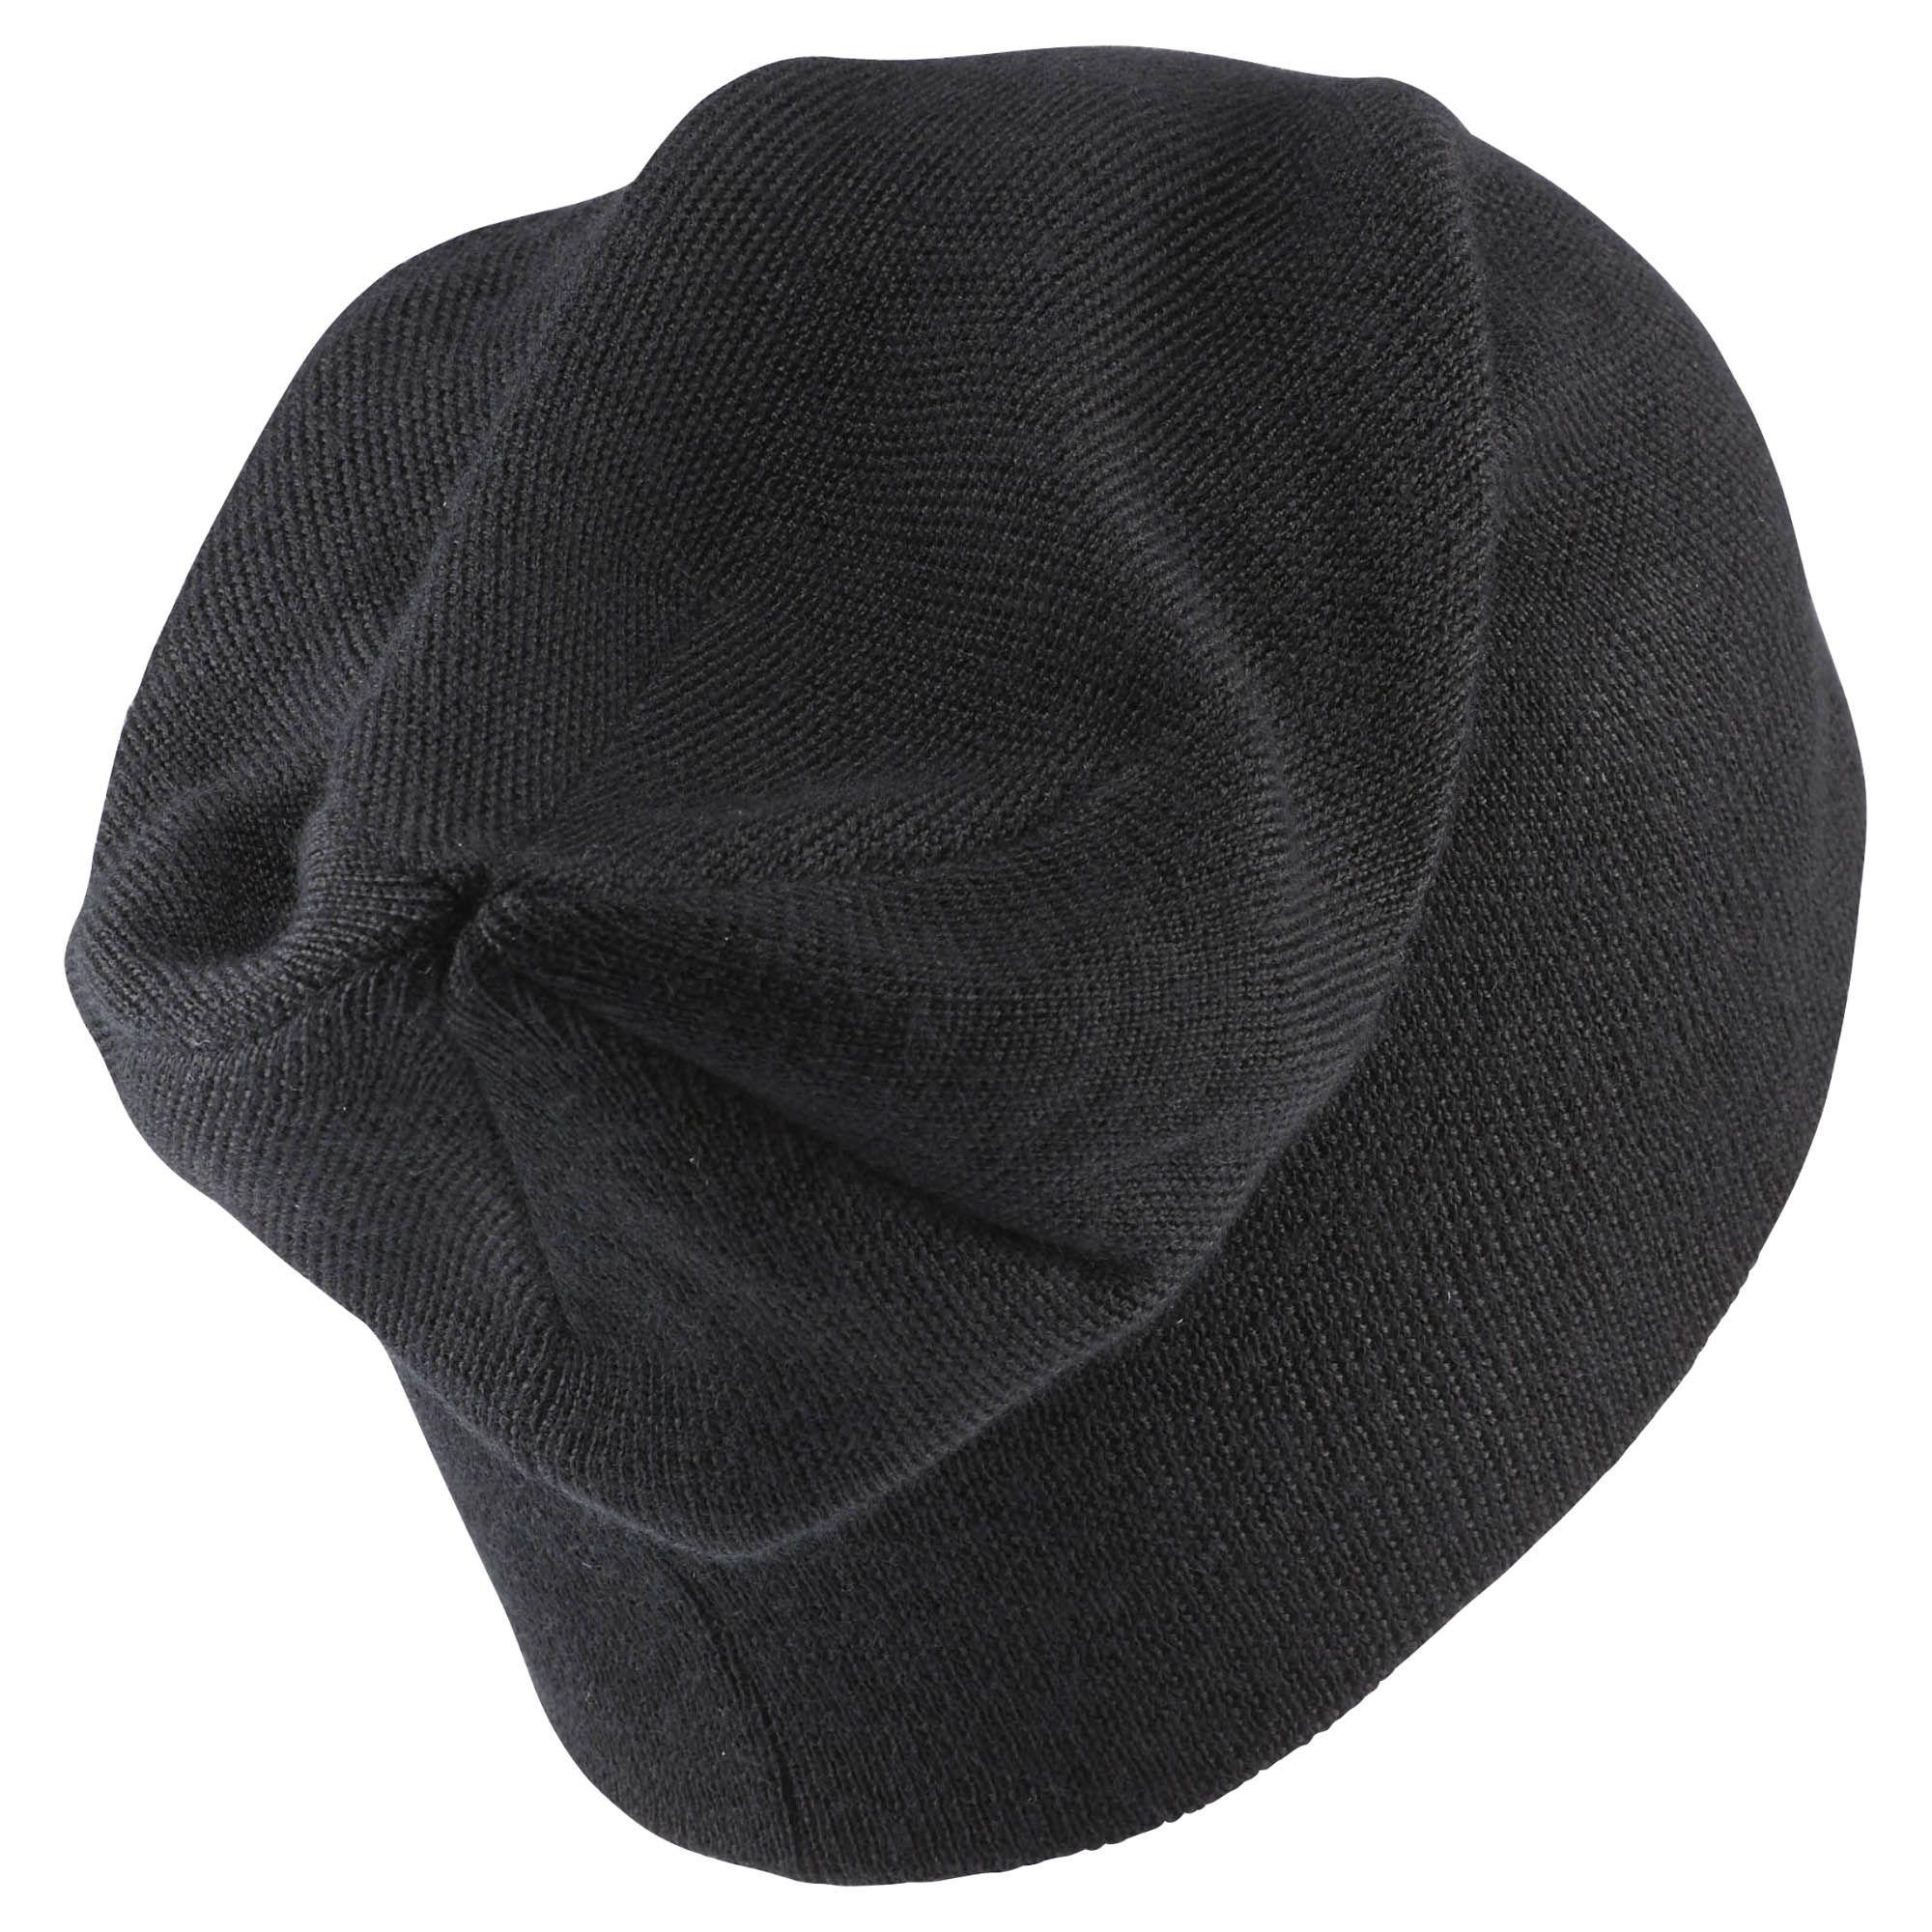 ШапкаAX9977Стильная шапка Reebok Classics Foundation Beanie выполнена из акрила с добавлением шерсти и с подкладкой из натурального хлопка. Шапка оформлена небольшой вышивкой с фирменным логотипом. Уважаемые клиенты! Размер, доступный для заказа, является обхватом головы.